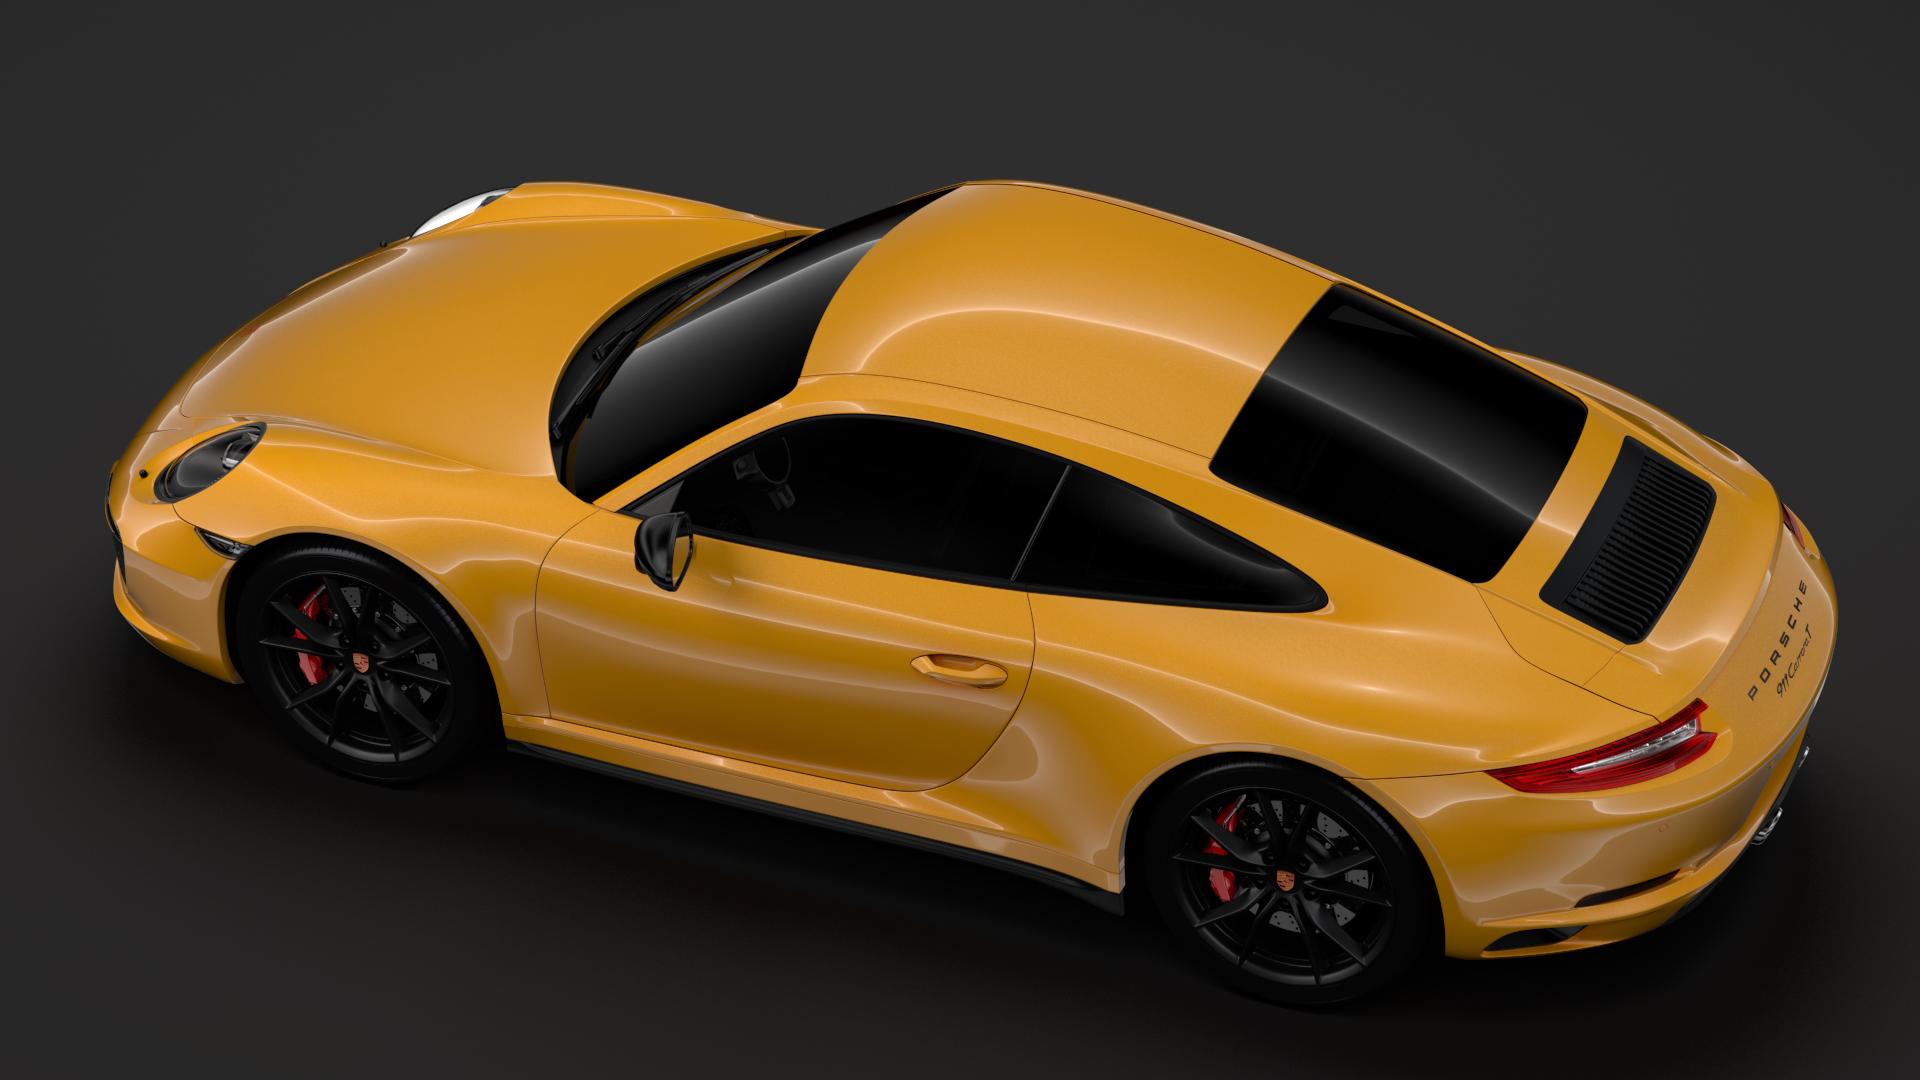 porsche 911 carrera t coupe (991) 2018 3d model max fbx c4d lwo ma mb hrc xsi obj 278971